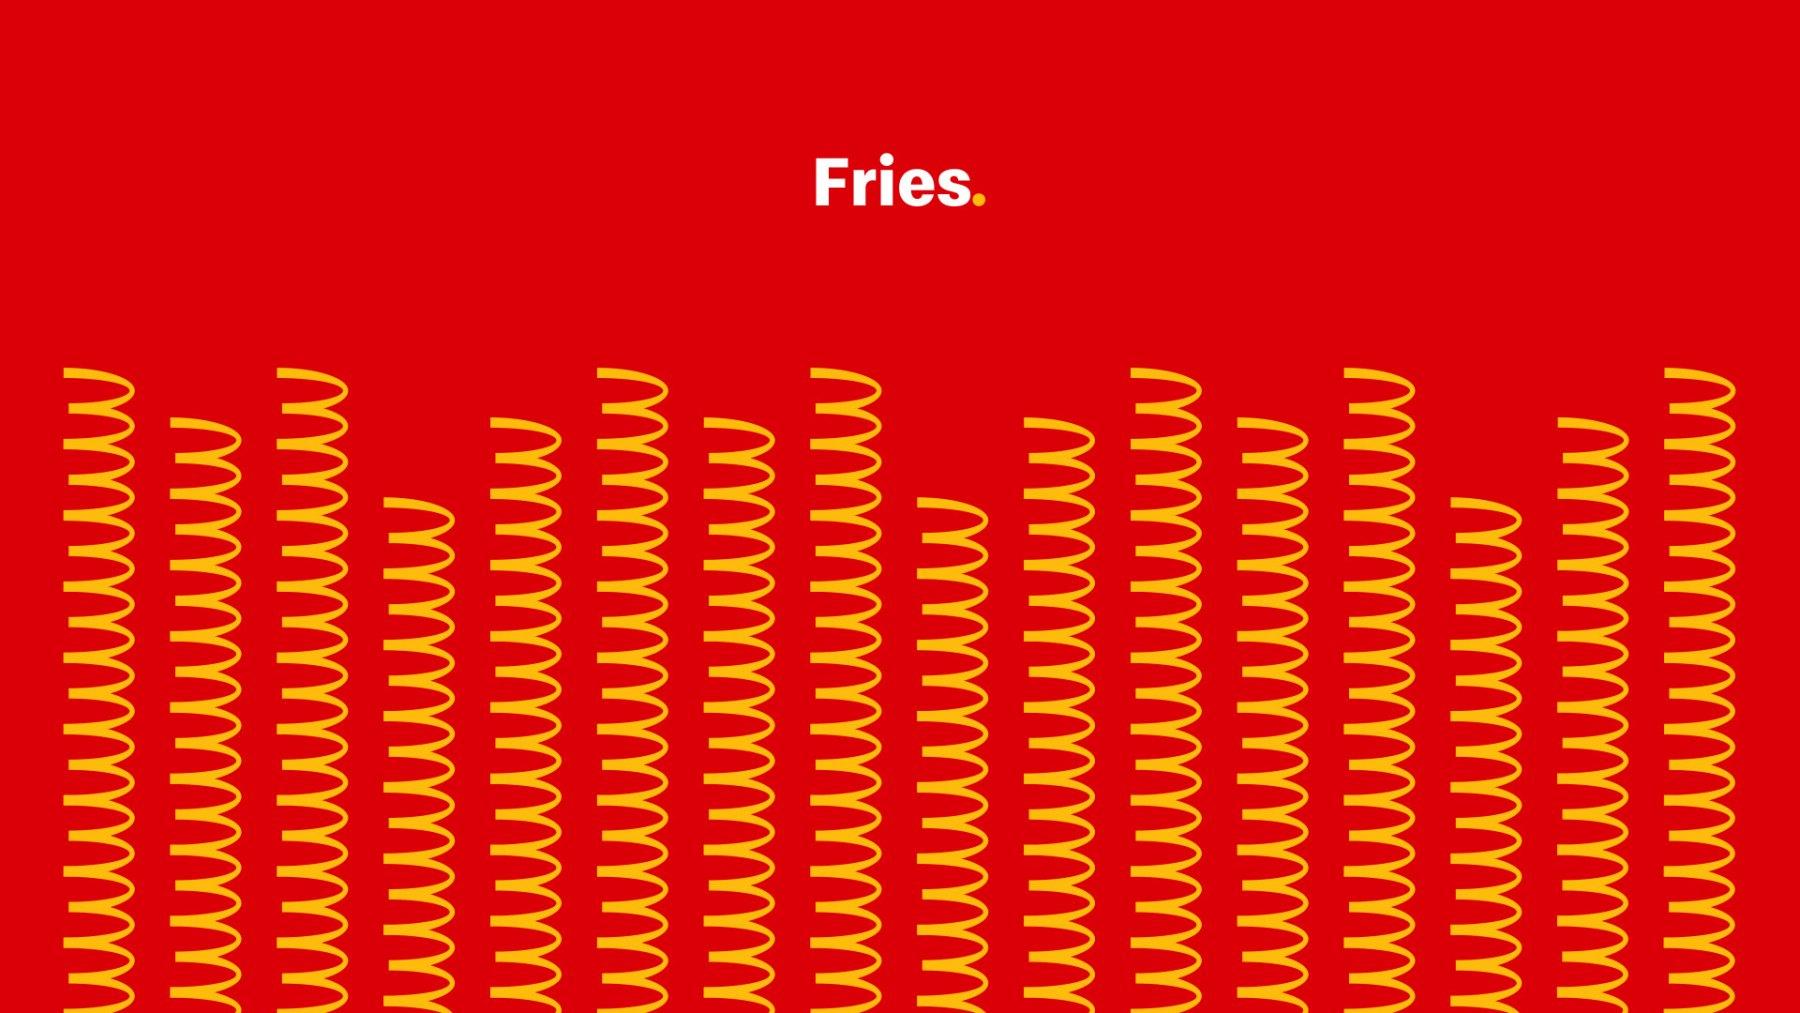 1_McDonalds-MMMM-20